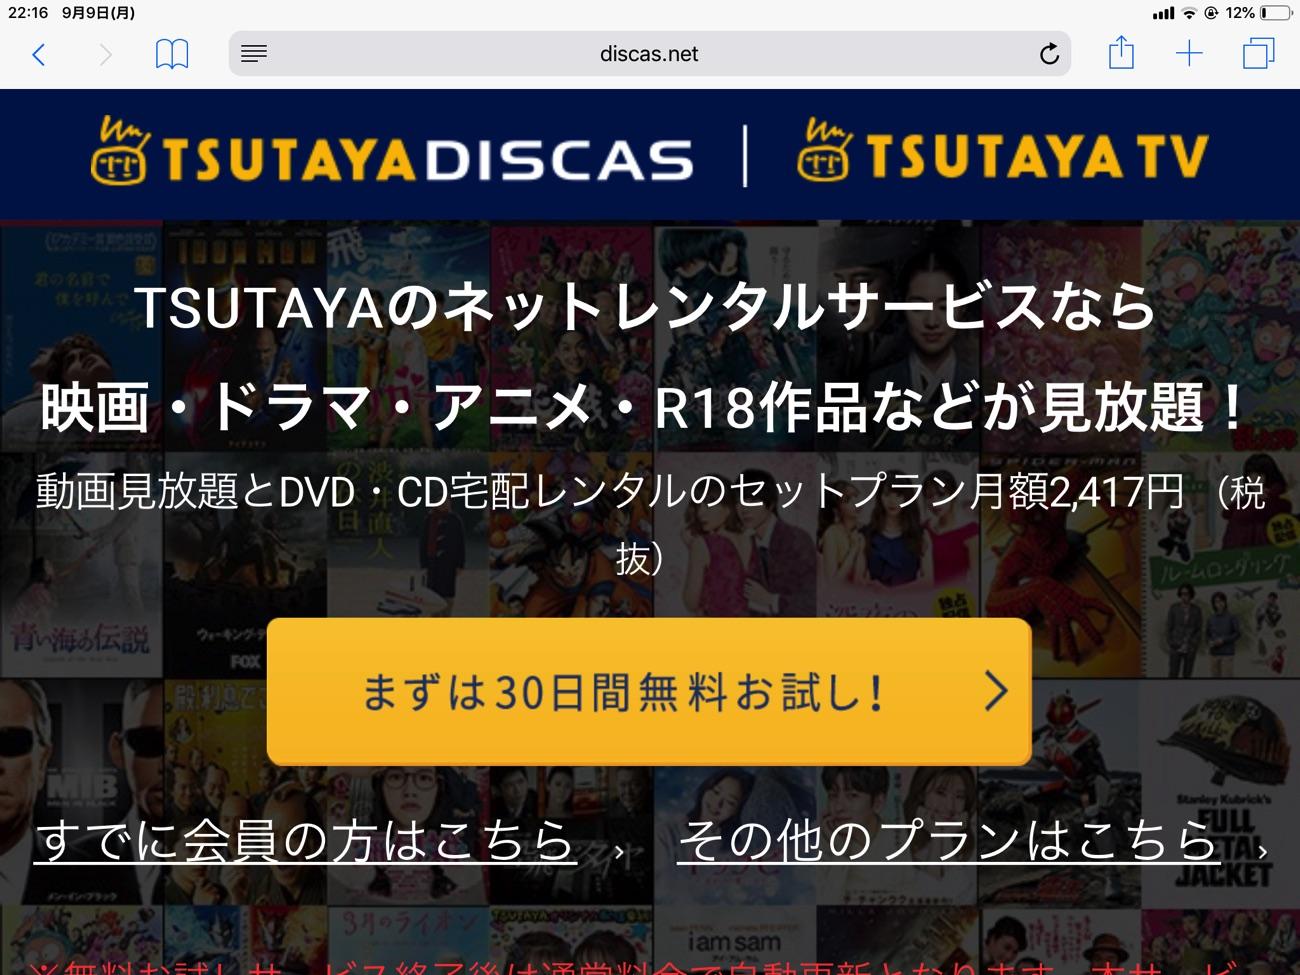 「TSUTAYAのネットレンタルサービス」のページ